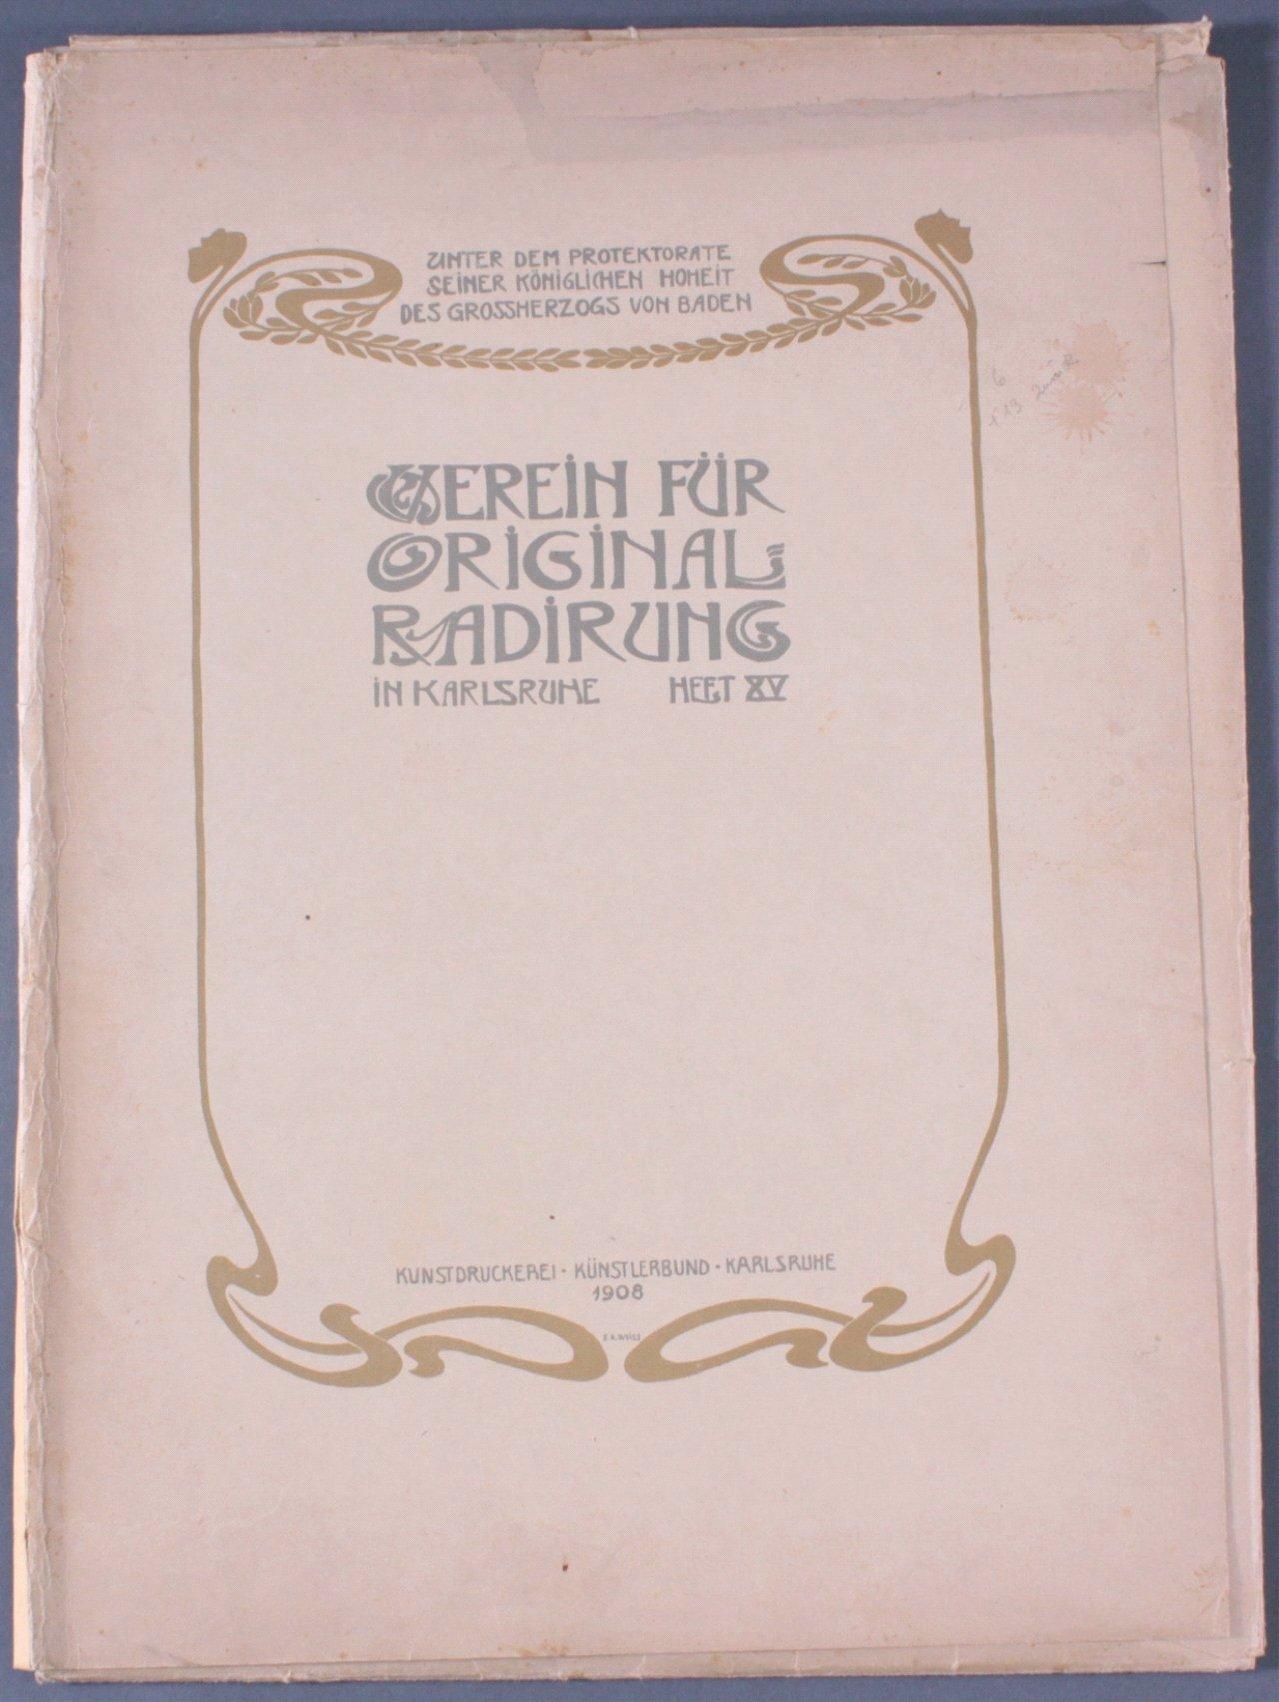 Verein für Original-Radierung Karlsruhe. Heft XV, 1908